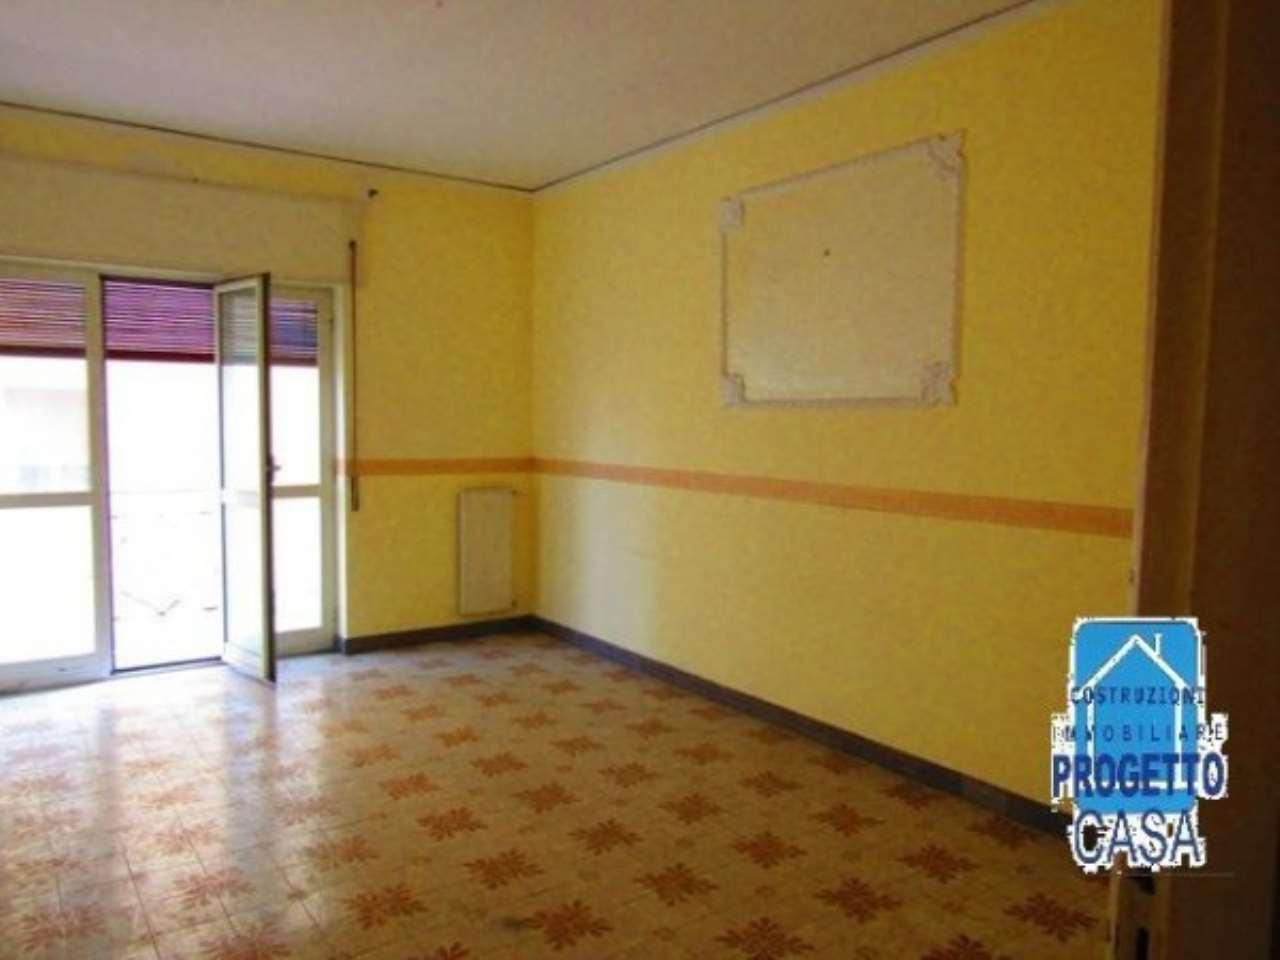 Appartamento in vendita a Brusciano, 6 locali, prezzo € 95.000 | CambioCasa.it